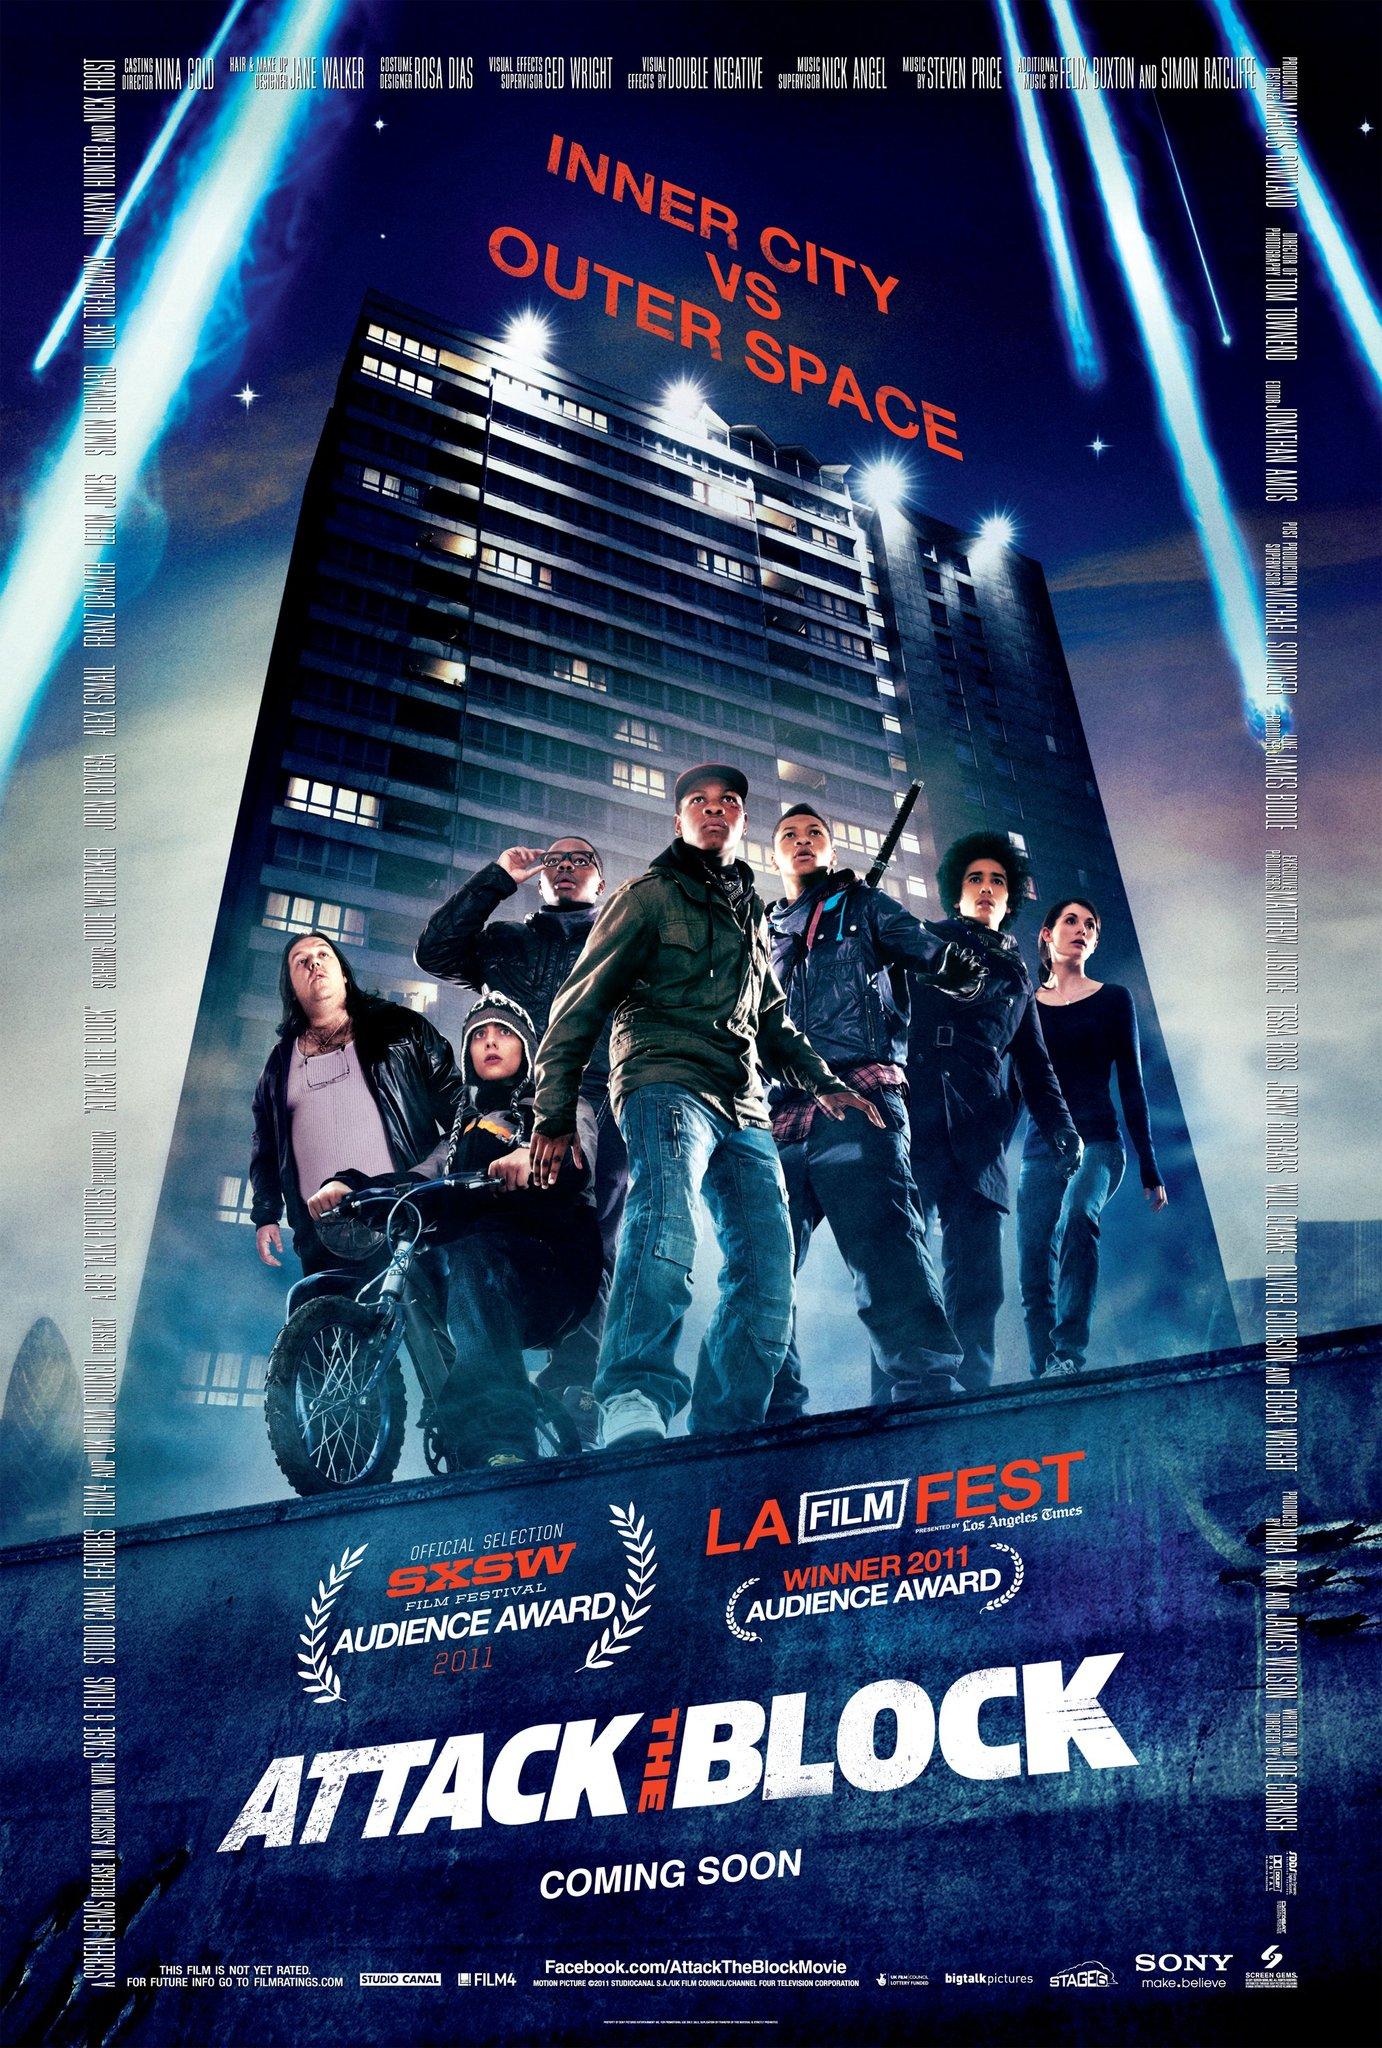 თავდასხმა კვარტალზე ATTACK THE BLOCK